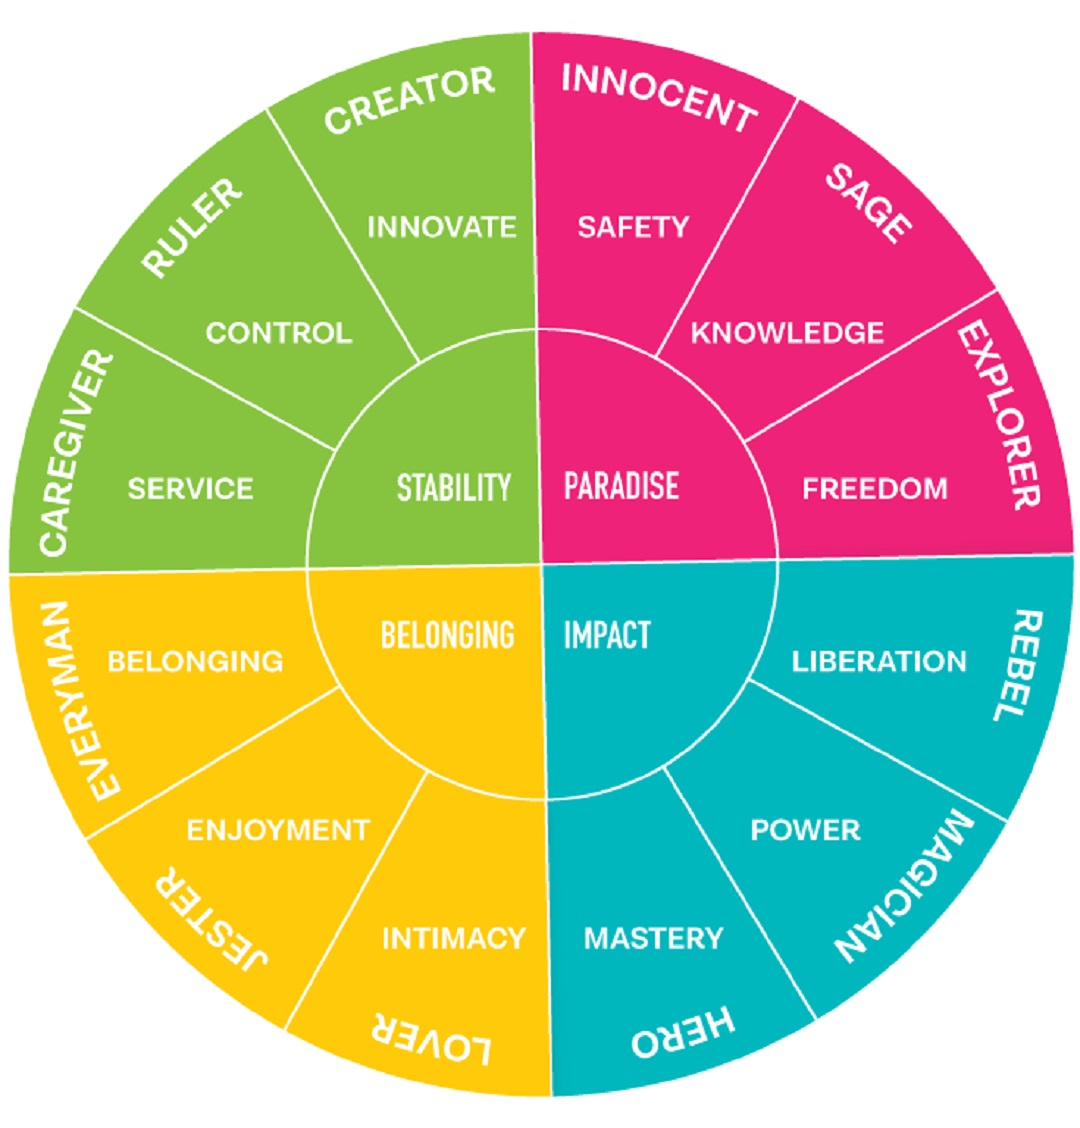 Brand Archetypes Framework